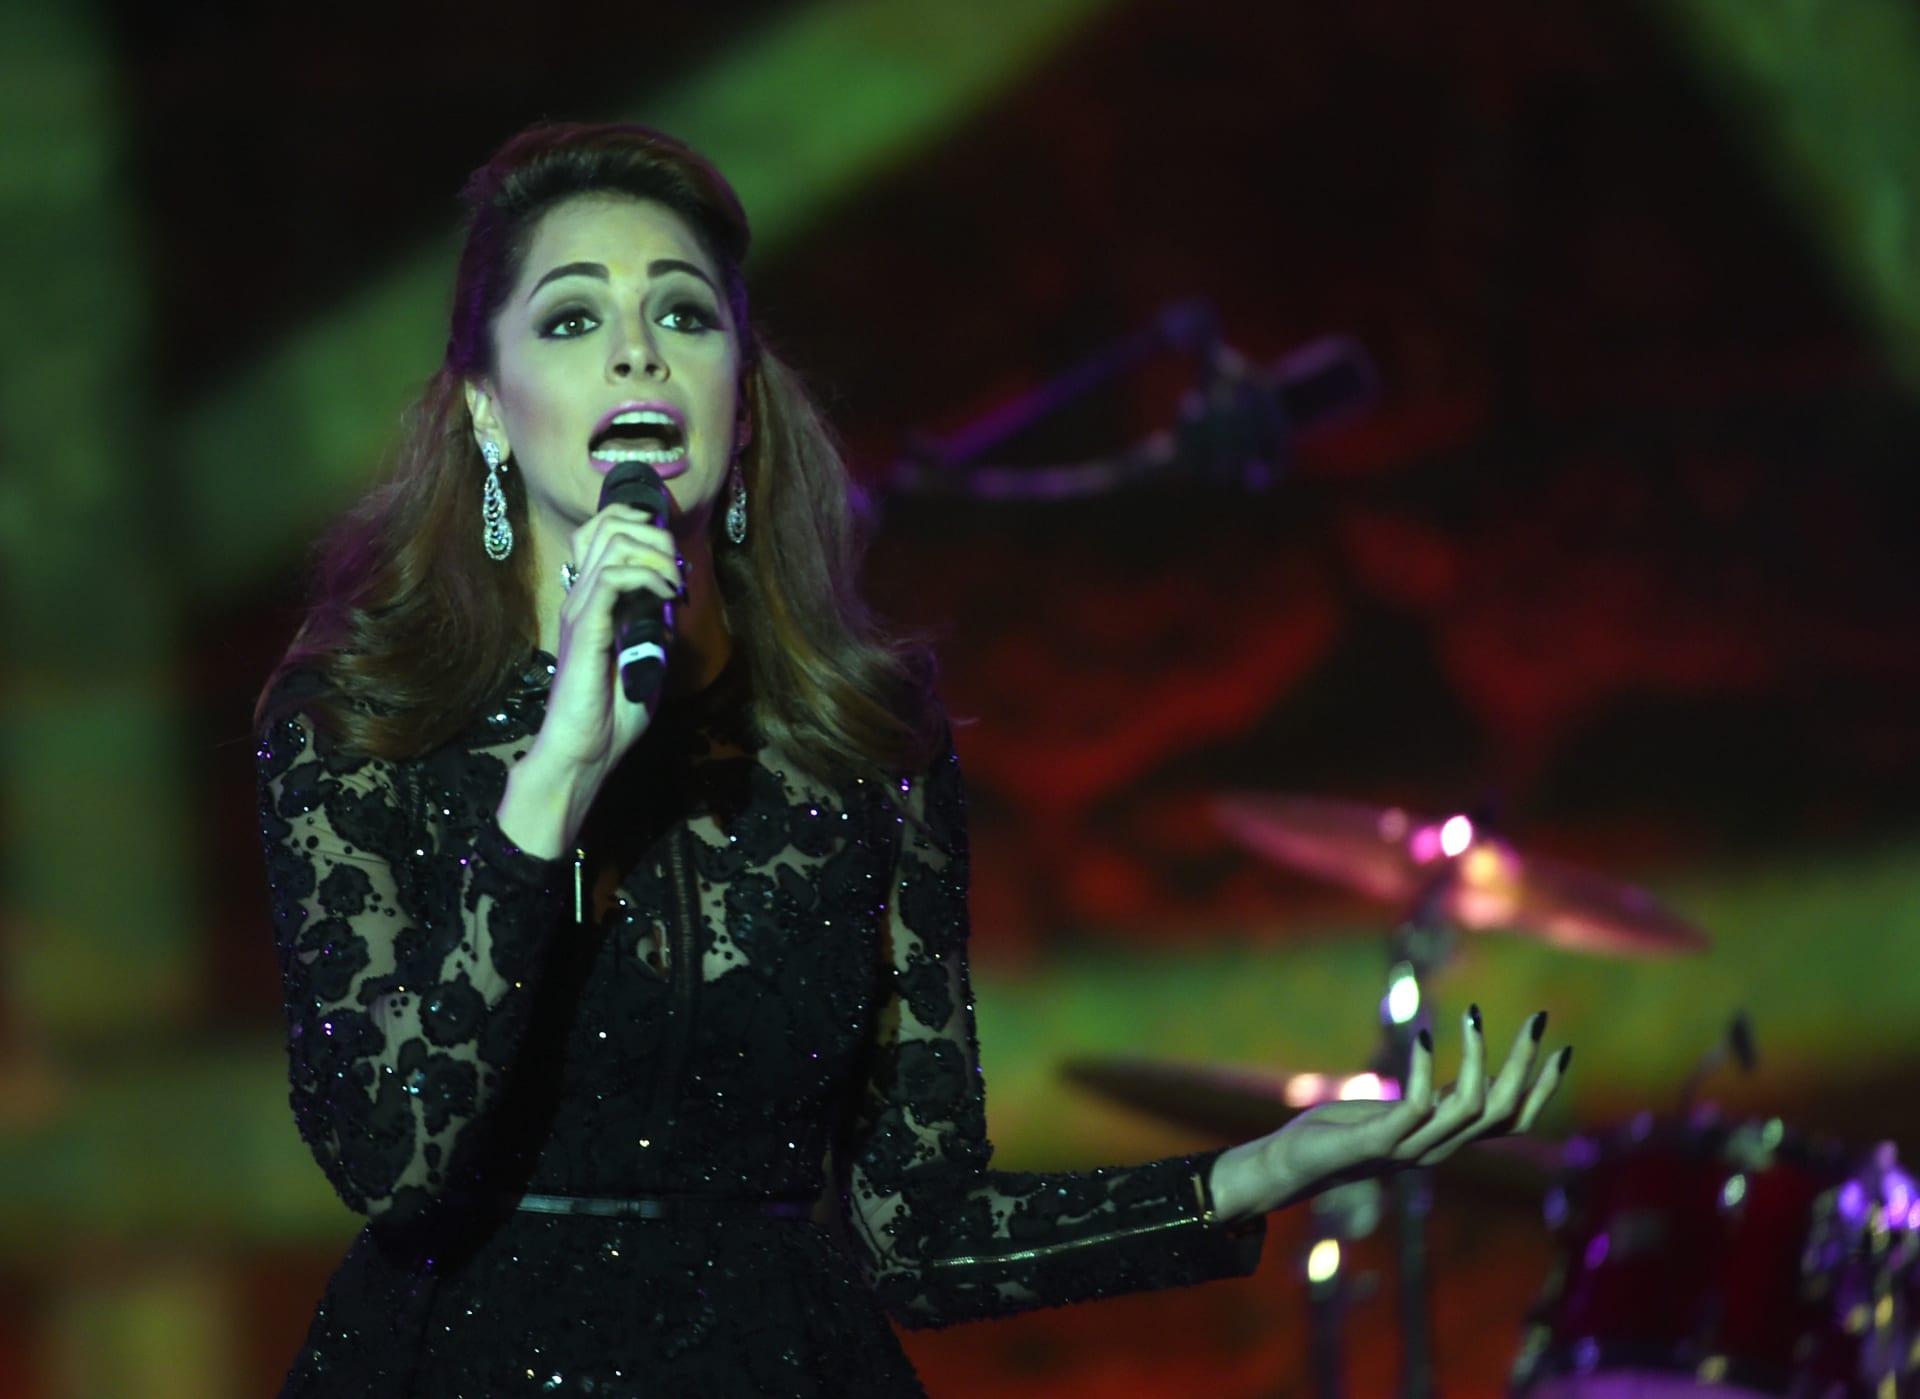 الفنانة المصرية أمل ماهر تغني على خشبة المسرح خلال الدورة 51 لمهرجان قرطاج الدولي